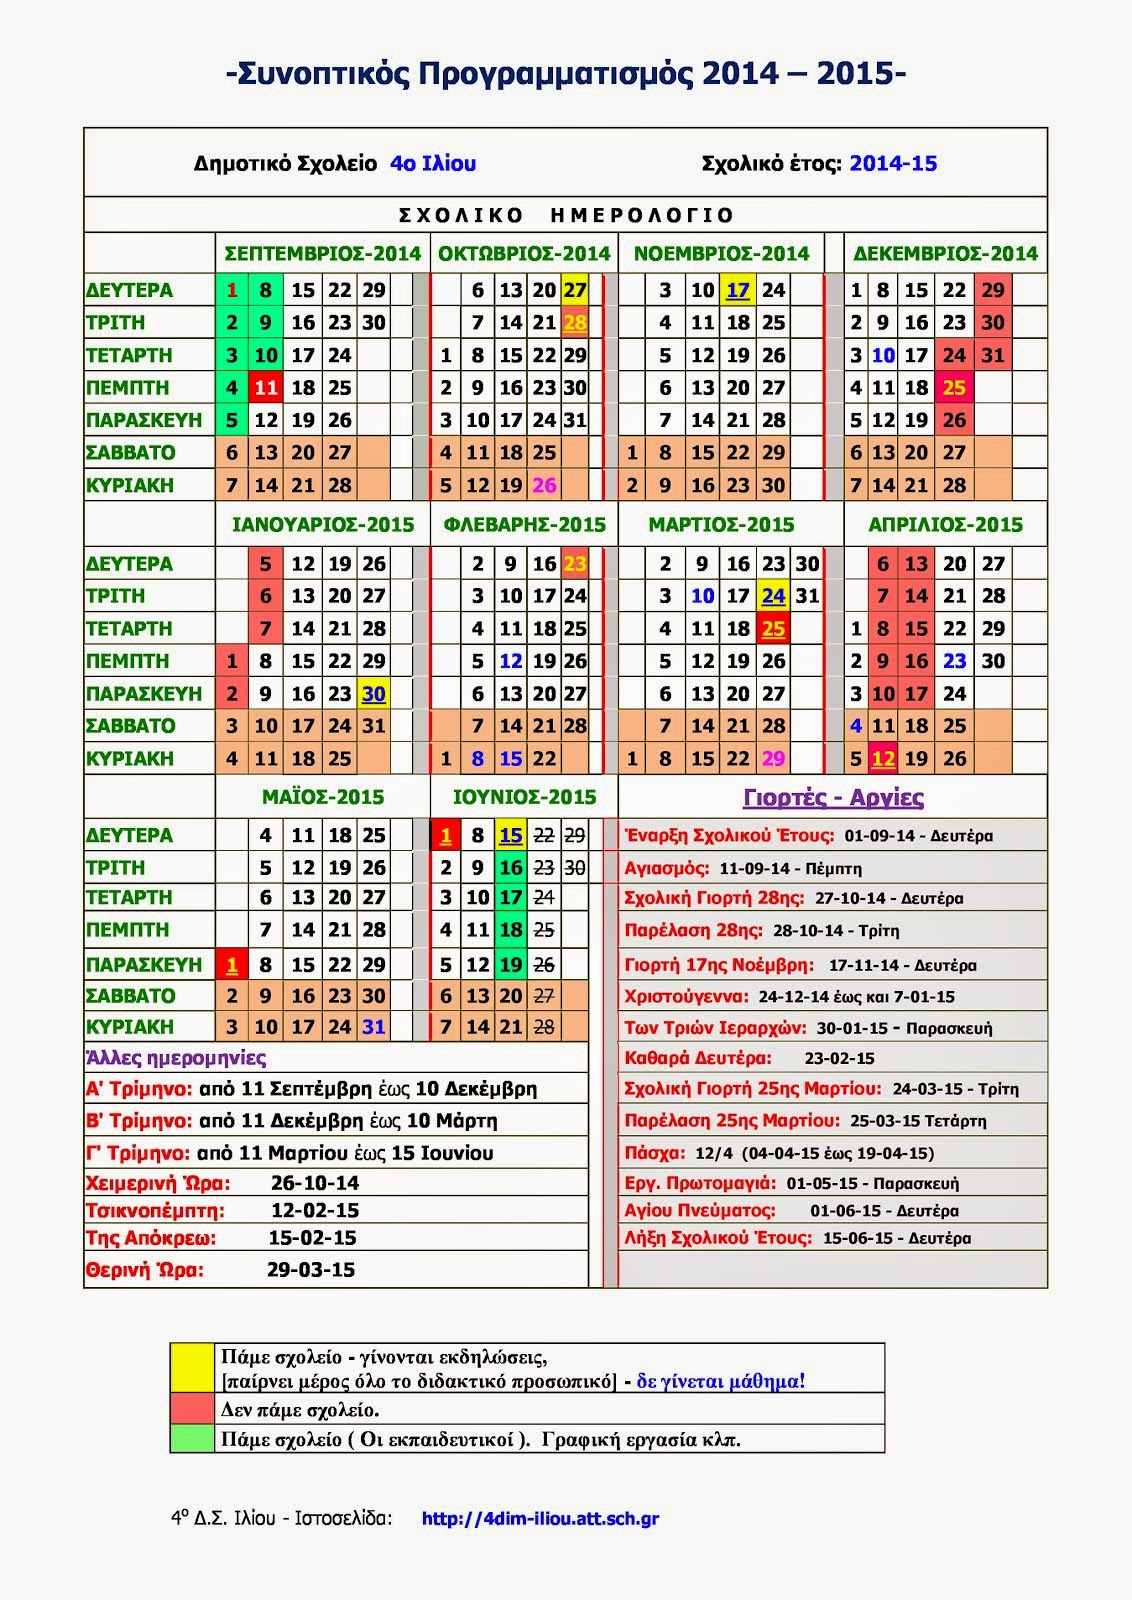 ΣΧΟΛΙΚΟ ΗΜΕΡΟΛΟΓΙΟ 2014-15